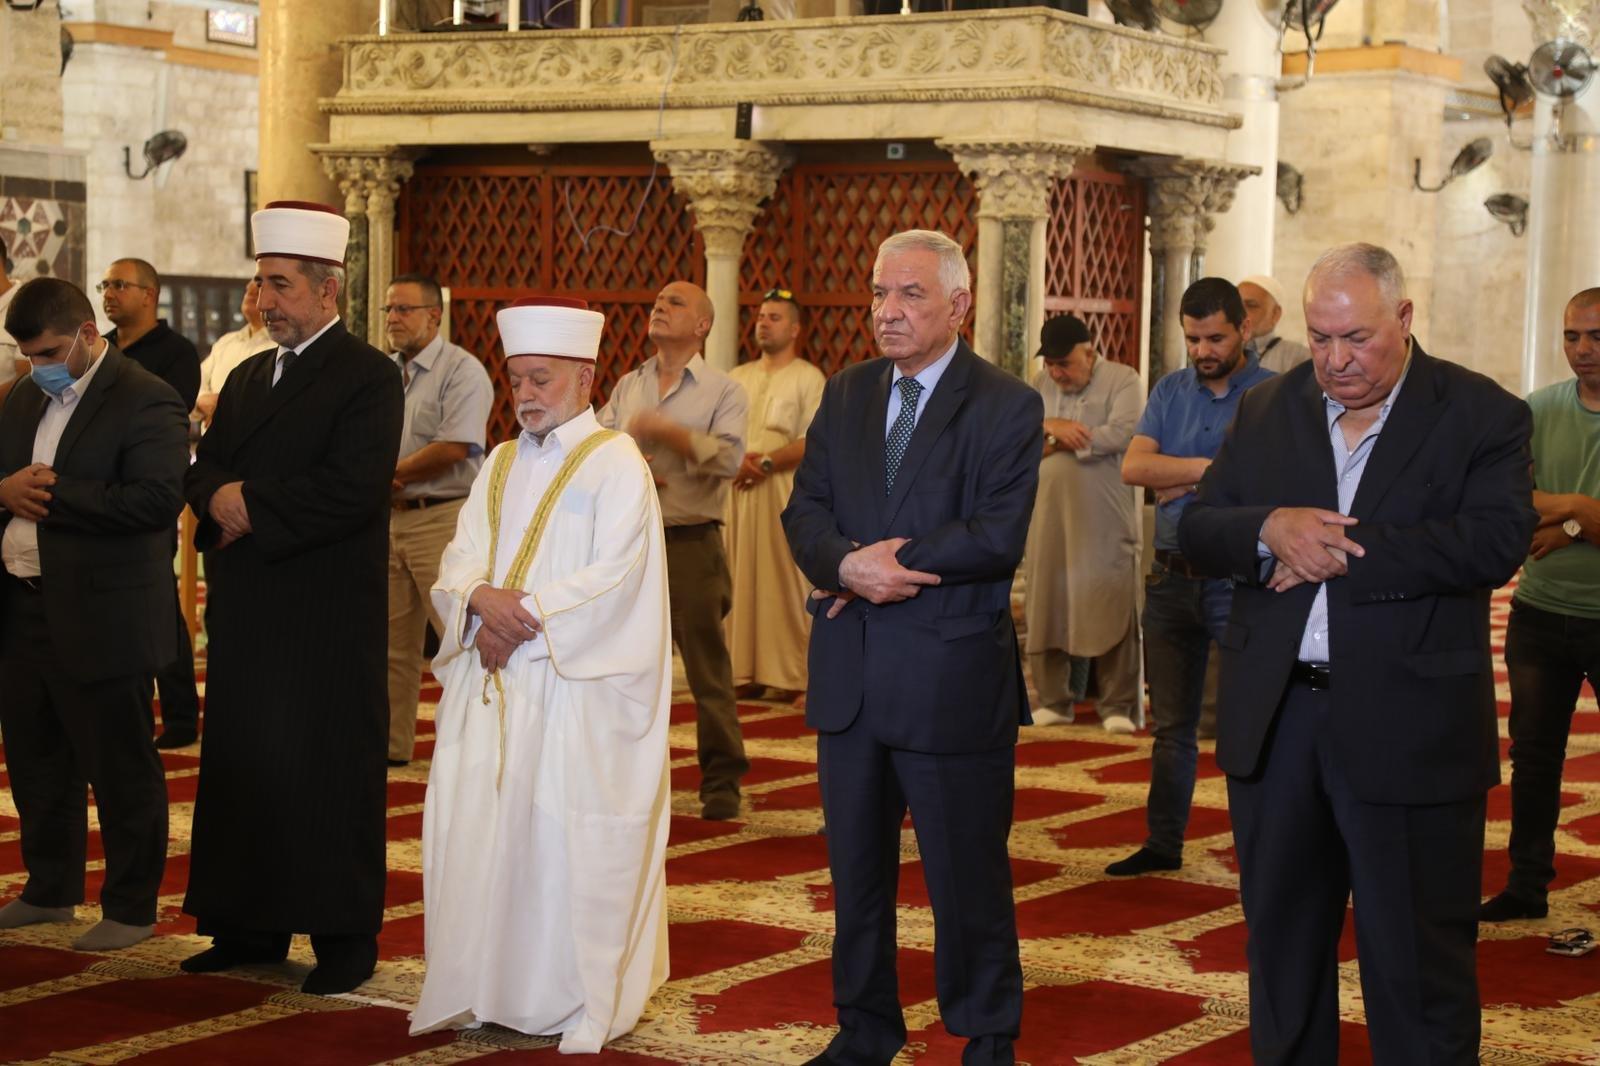 خطيب الأقصى: المسجد سيفتح بعد أسبوع من عيد الفطر لاستقبال المصلين